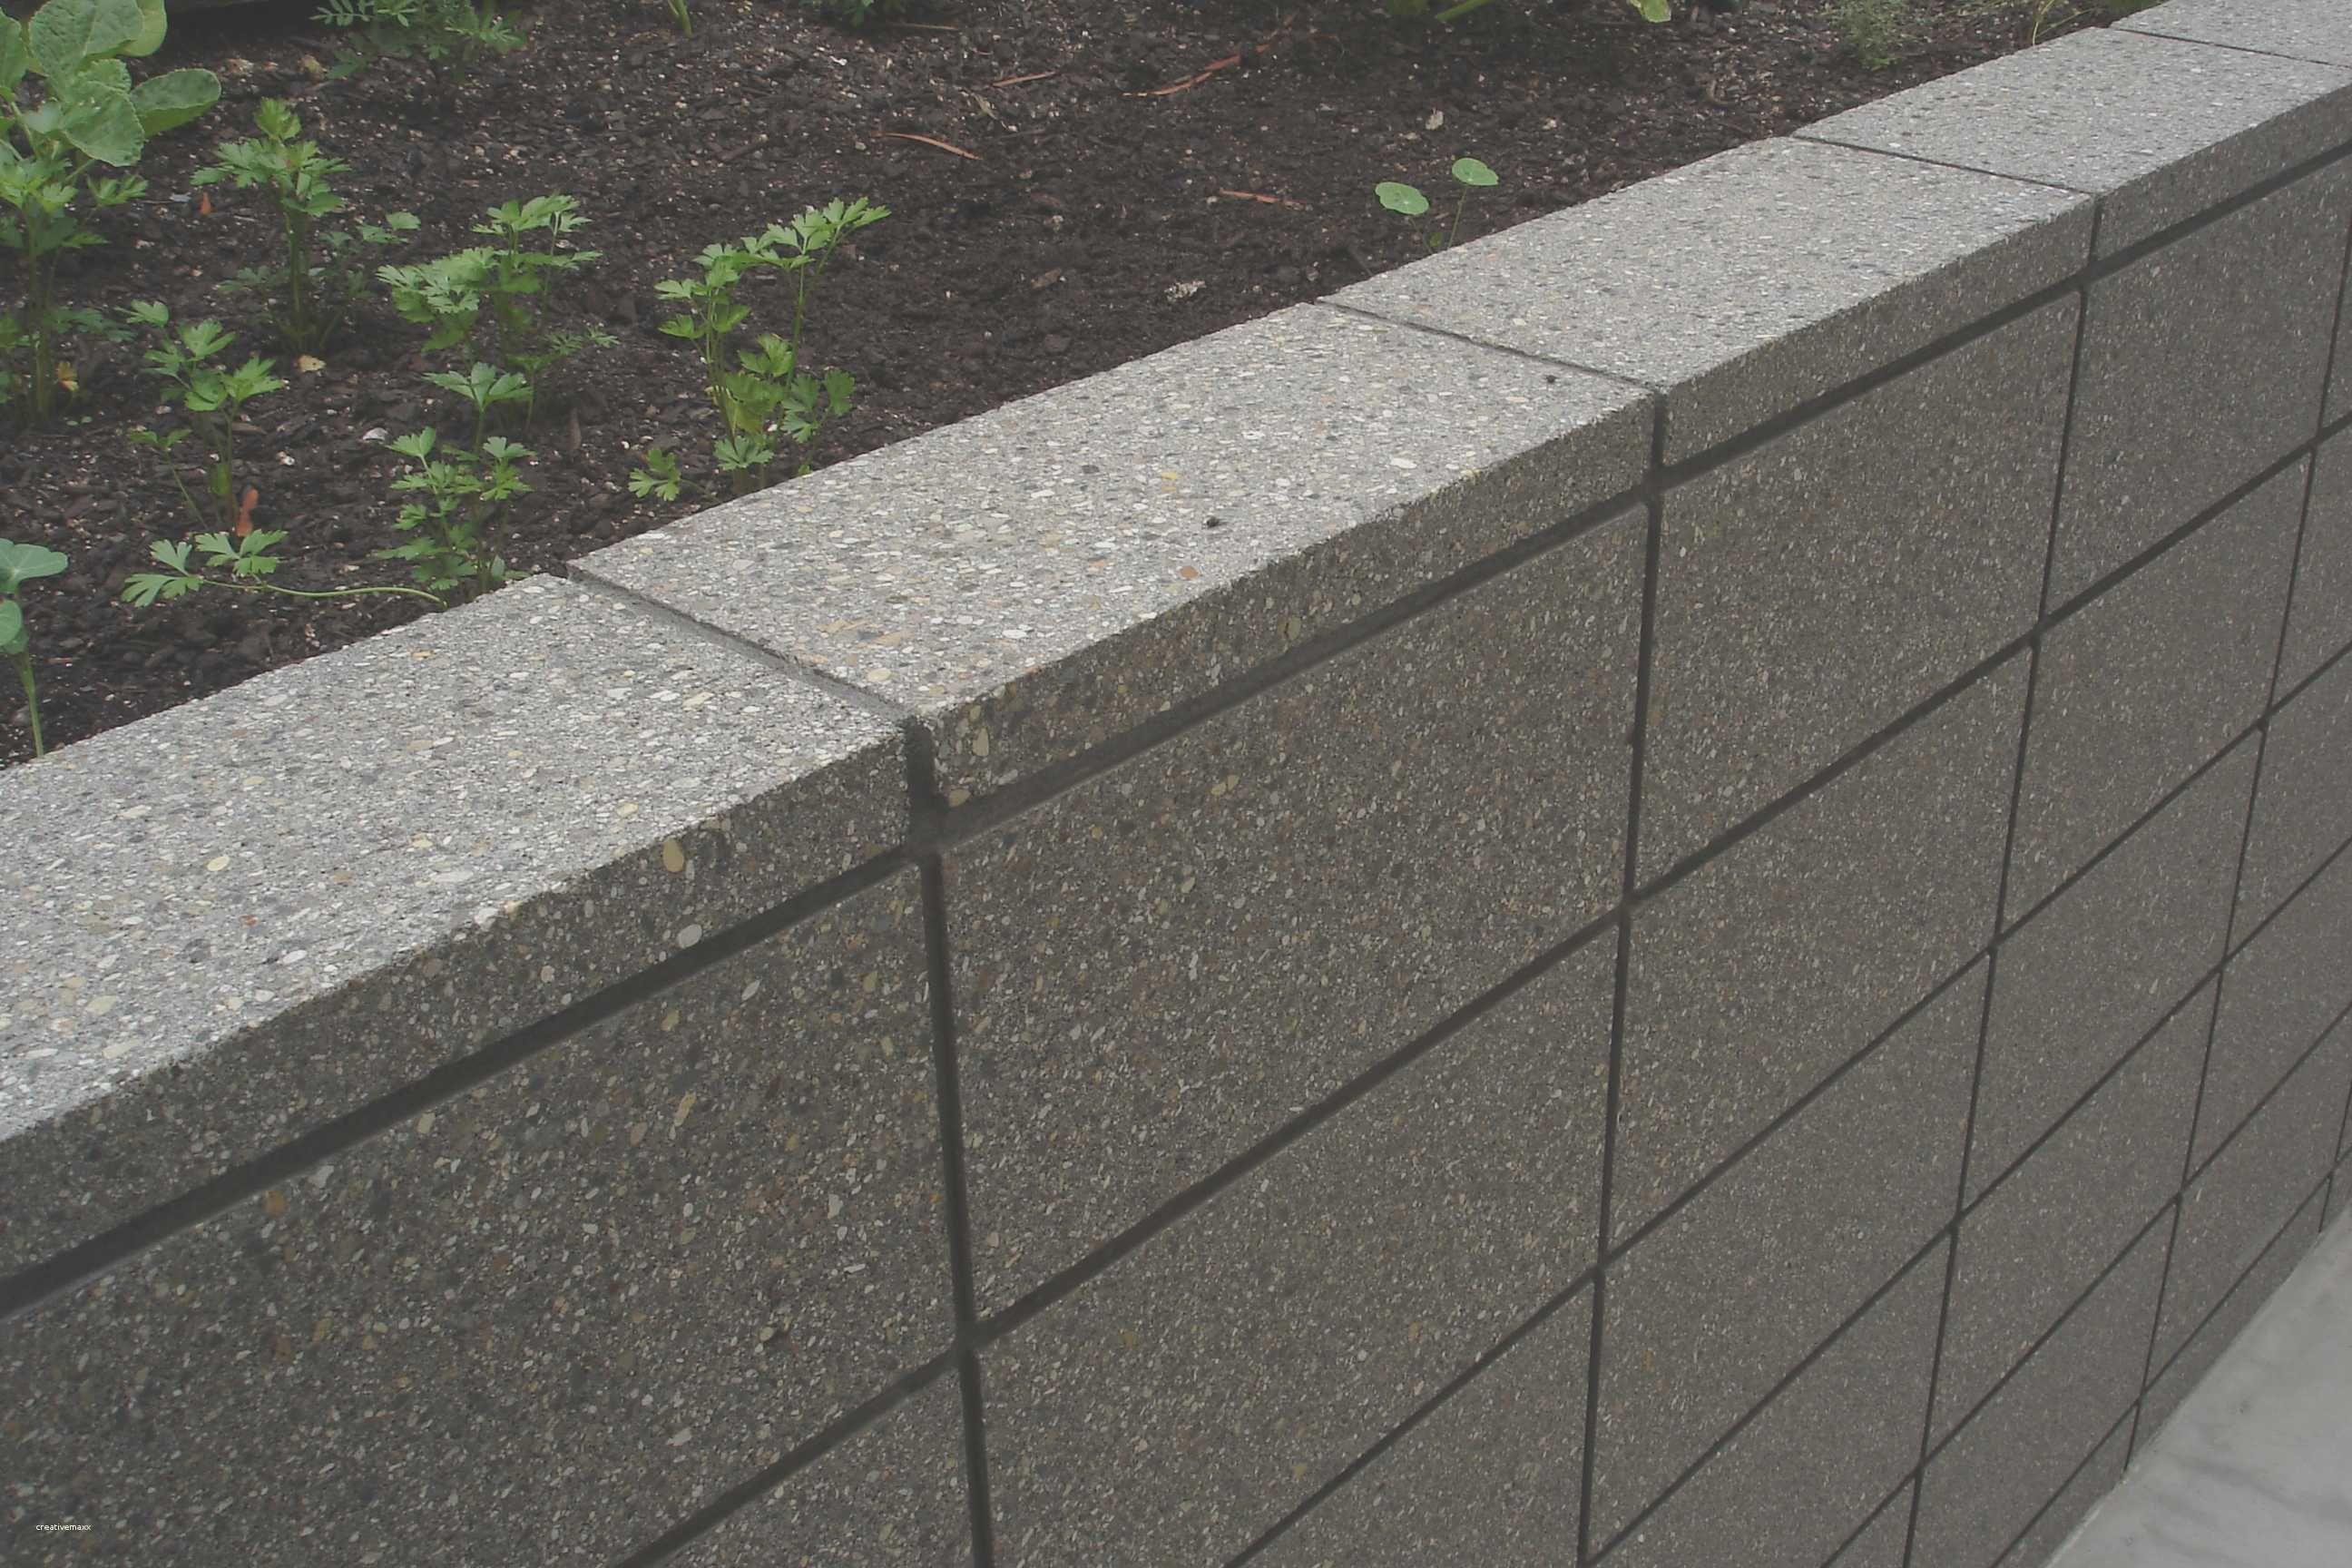 Concrete Retaining Wall Ideas Cement Landscape Design Unique Concrete Reta Concrete Block Retaining Wall Concrete Retaining Walls Landscaping Retaining Walls